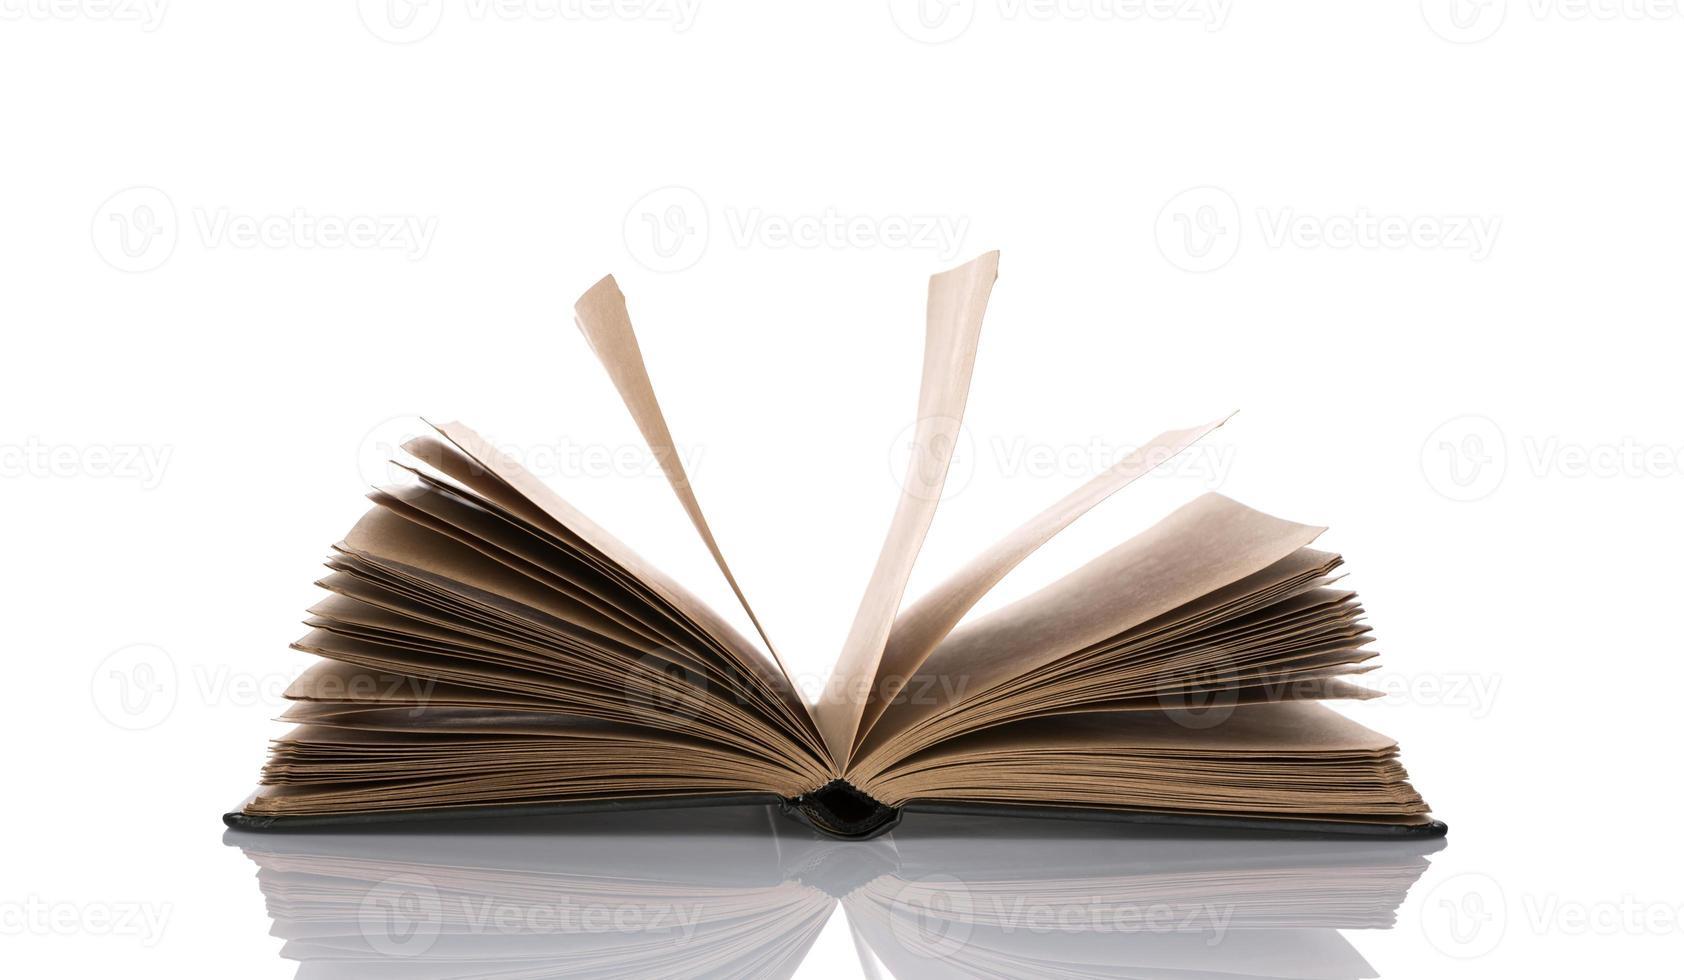 geöffnetes Buch mit leeren Seiten isoliert über weißem Hintergrund foto